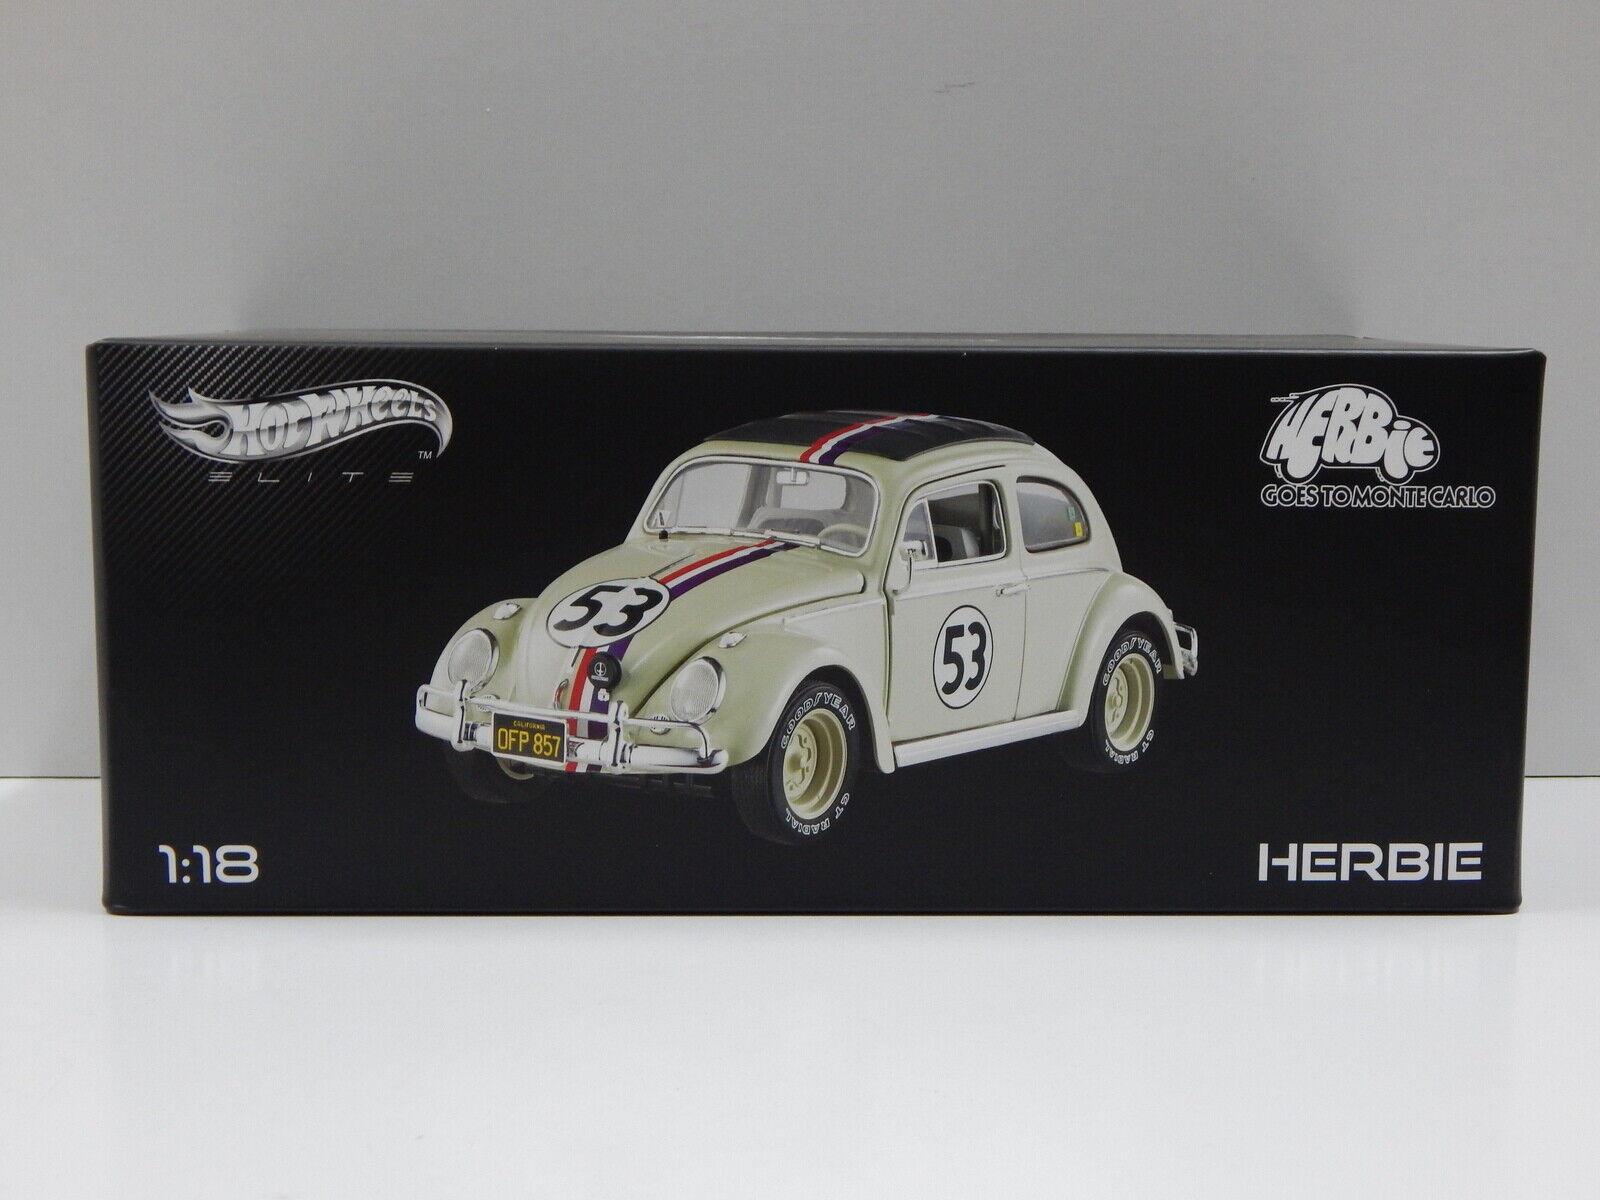 1 18 Volkswagen - Herbie Goes To Monte Carlo Hot Wheels Elite BLY22